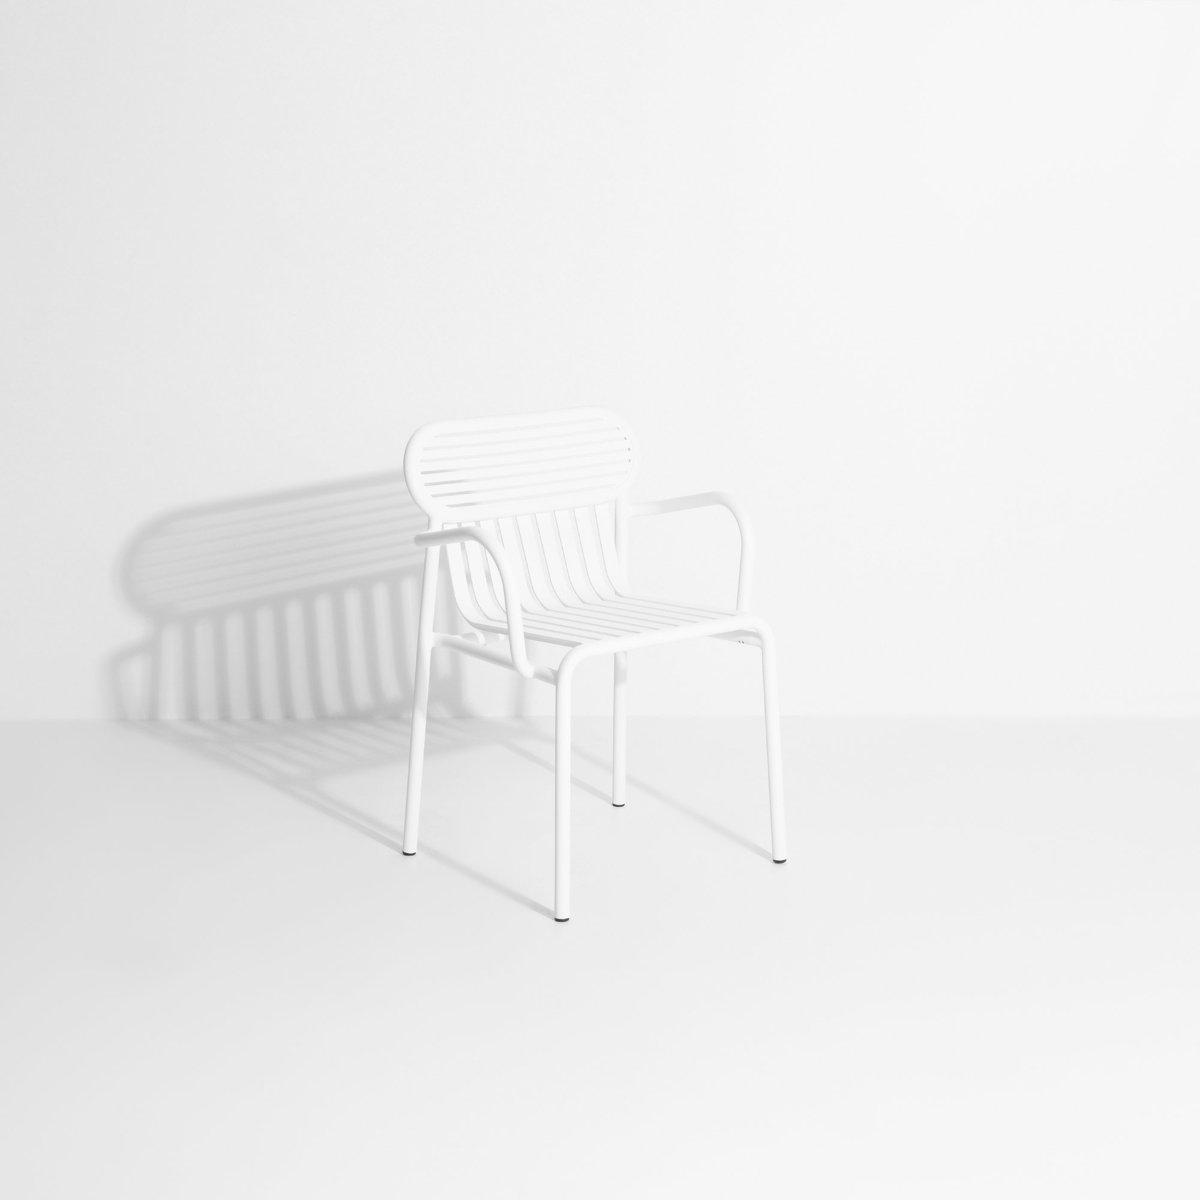 Chaise De Jardin Avec Accoudoirs Blanche Week-End - Petite Friture destiné Chaise De Jardin Blanche